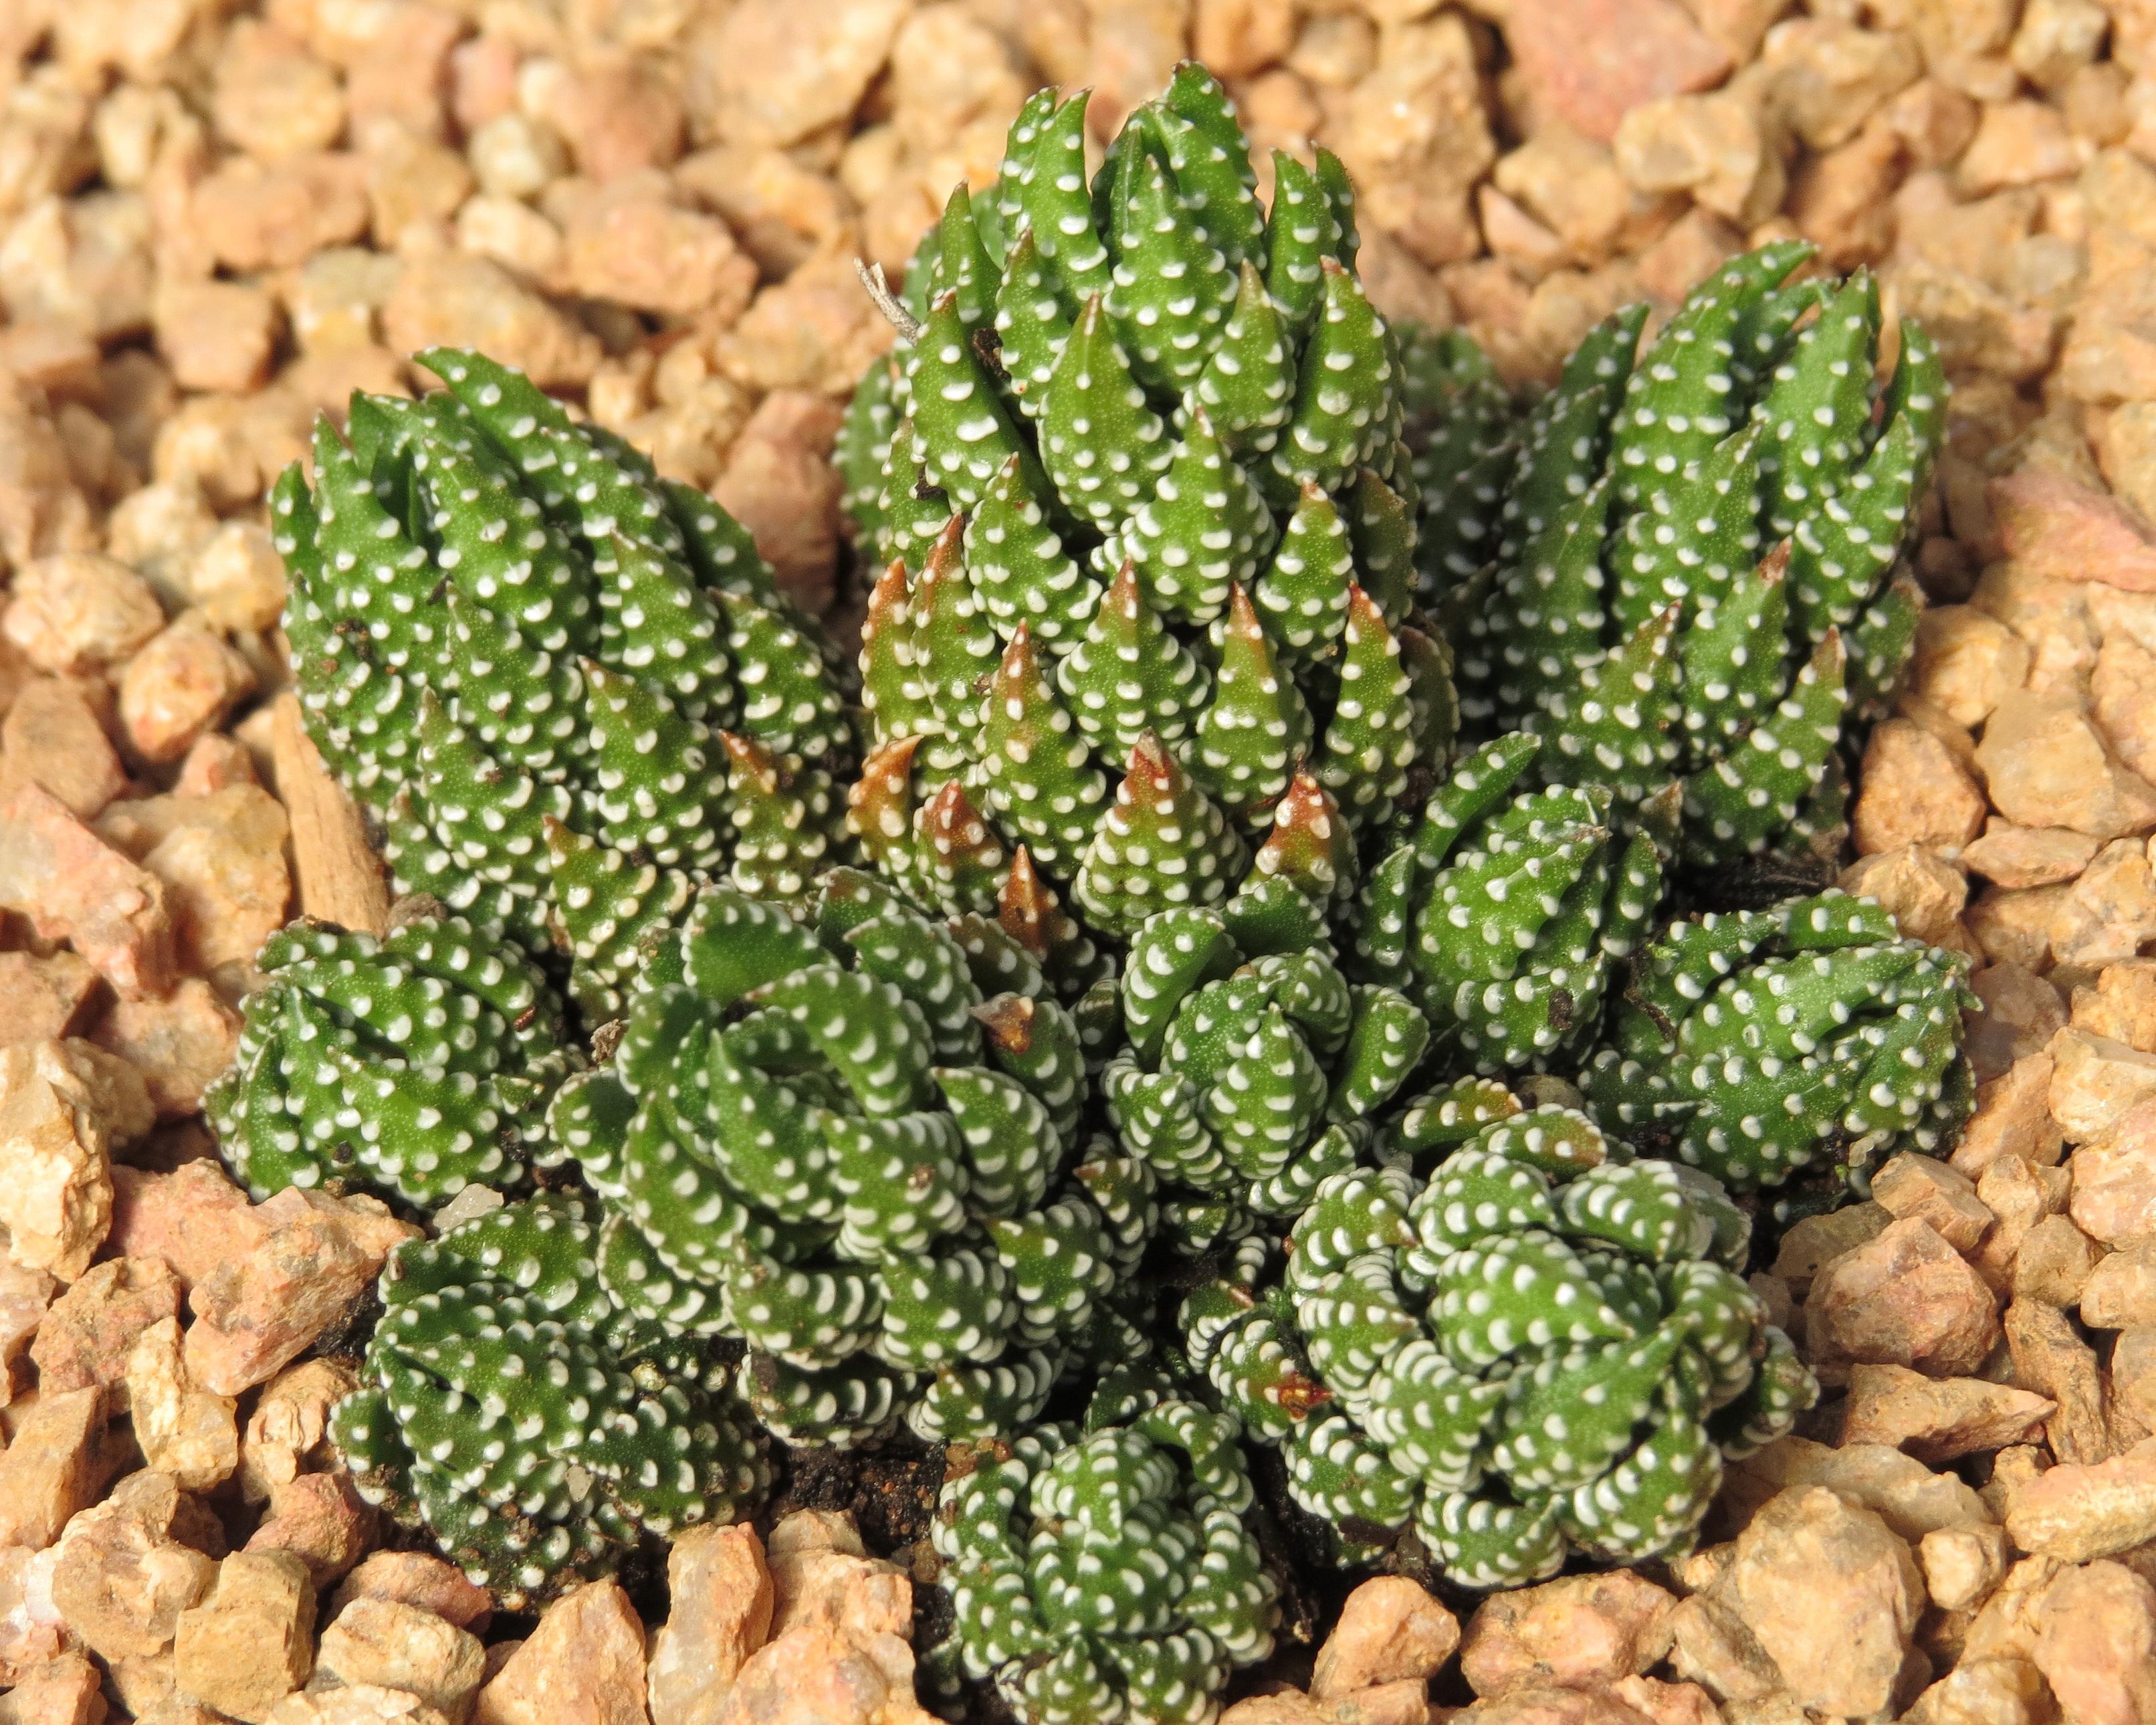 Haworthiopsis Reinwardtii Bellula